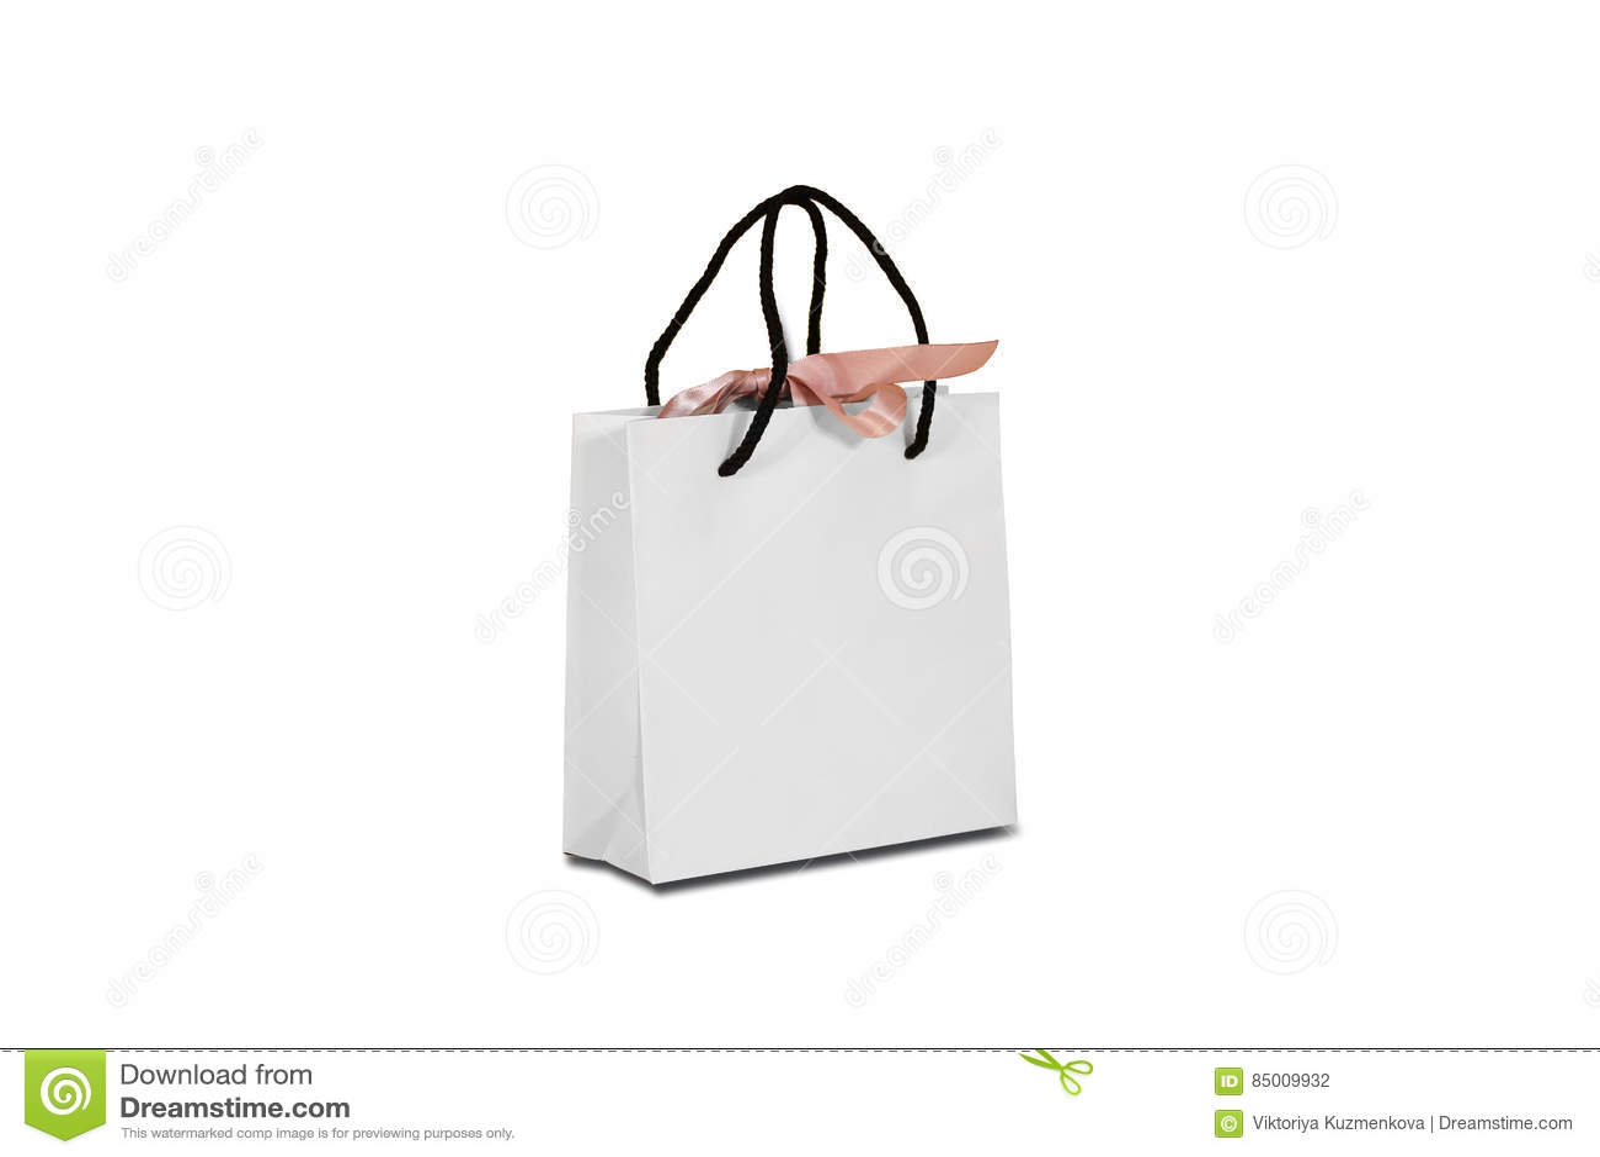 Κενή τσάντα δώρων της Λευκής Βίβλου με μια χλεύη τόξων που στέκεται επάνω σε ένα ξύλο